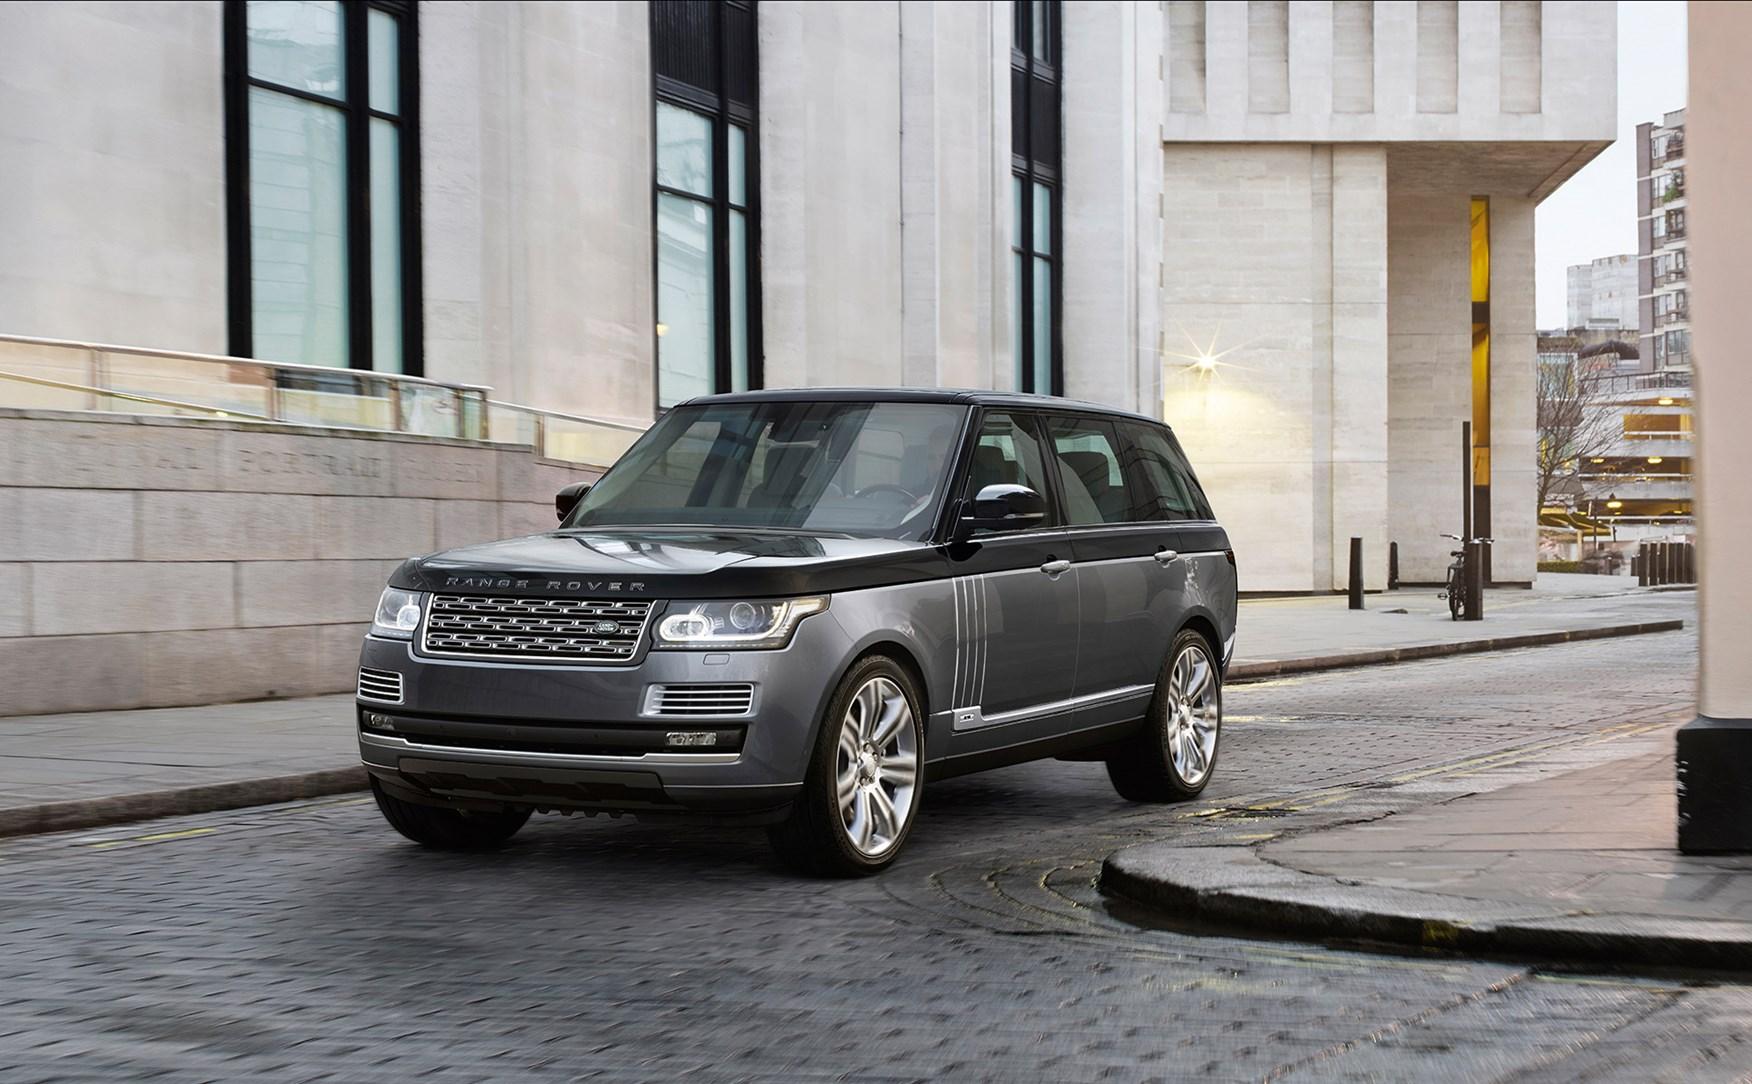 Чудный Range Rover SVAutobiography судлиненной платформой представили официально